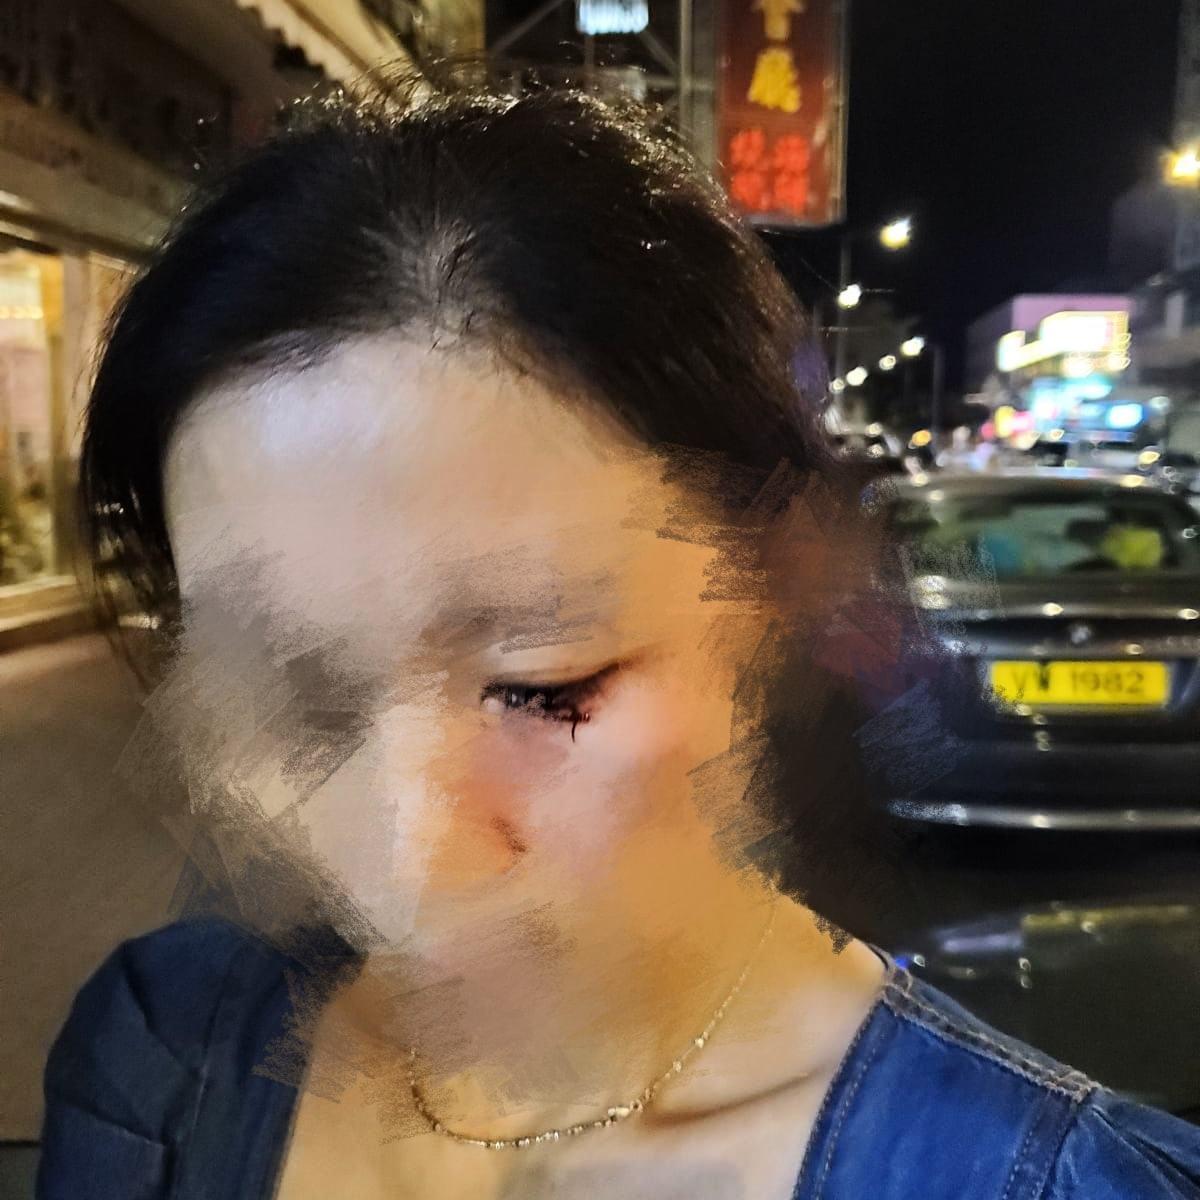 網上圖片顯示「亞玉冰室」老闆娘被襲擊後眼下出血。(網絡圖片)